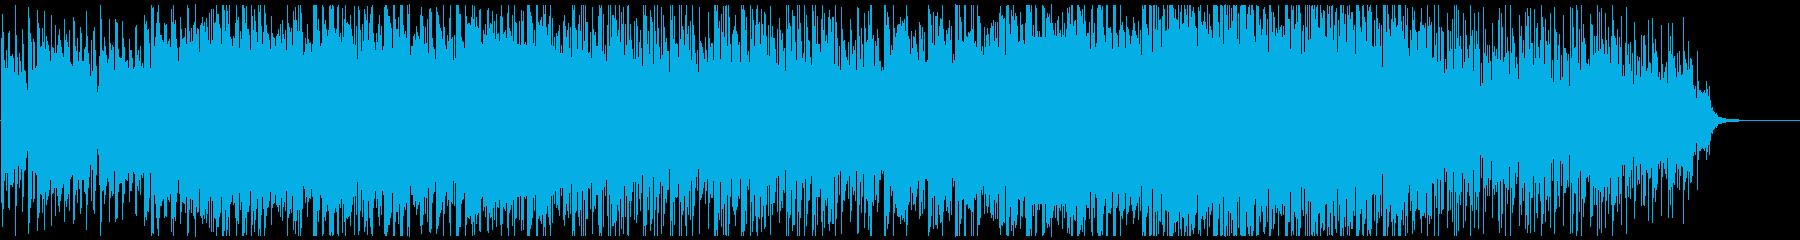 代替案 ポップ ドラマチック シン...の再生済みの波形